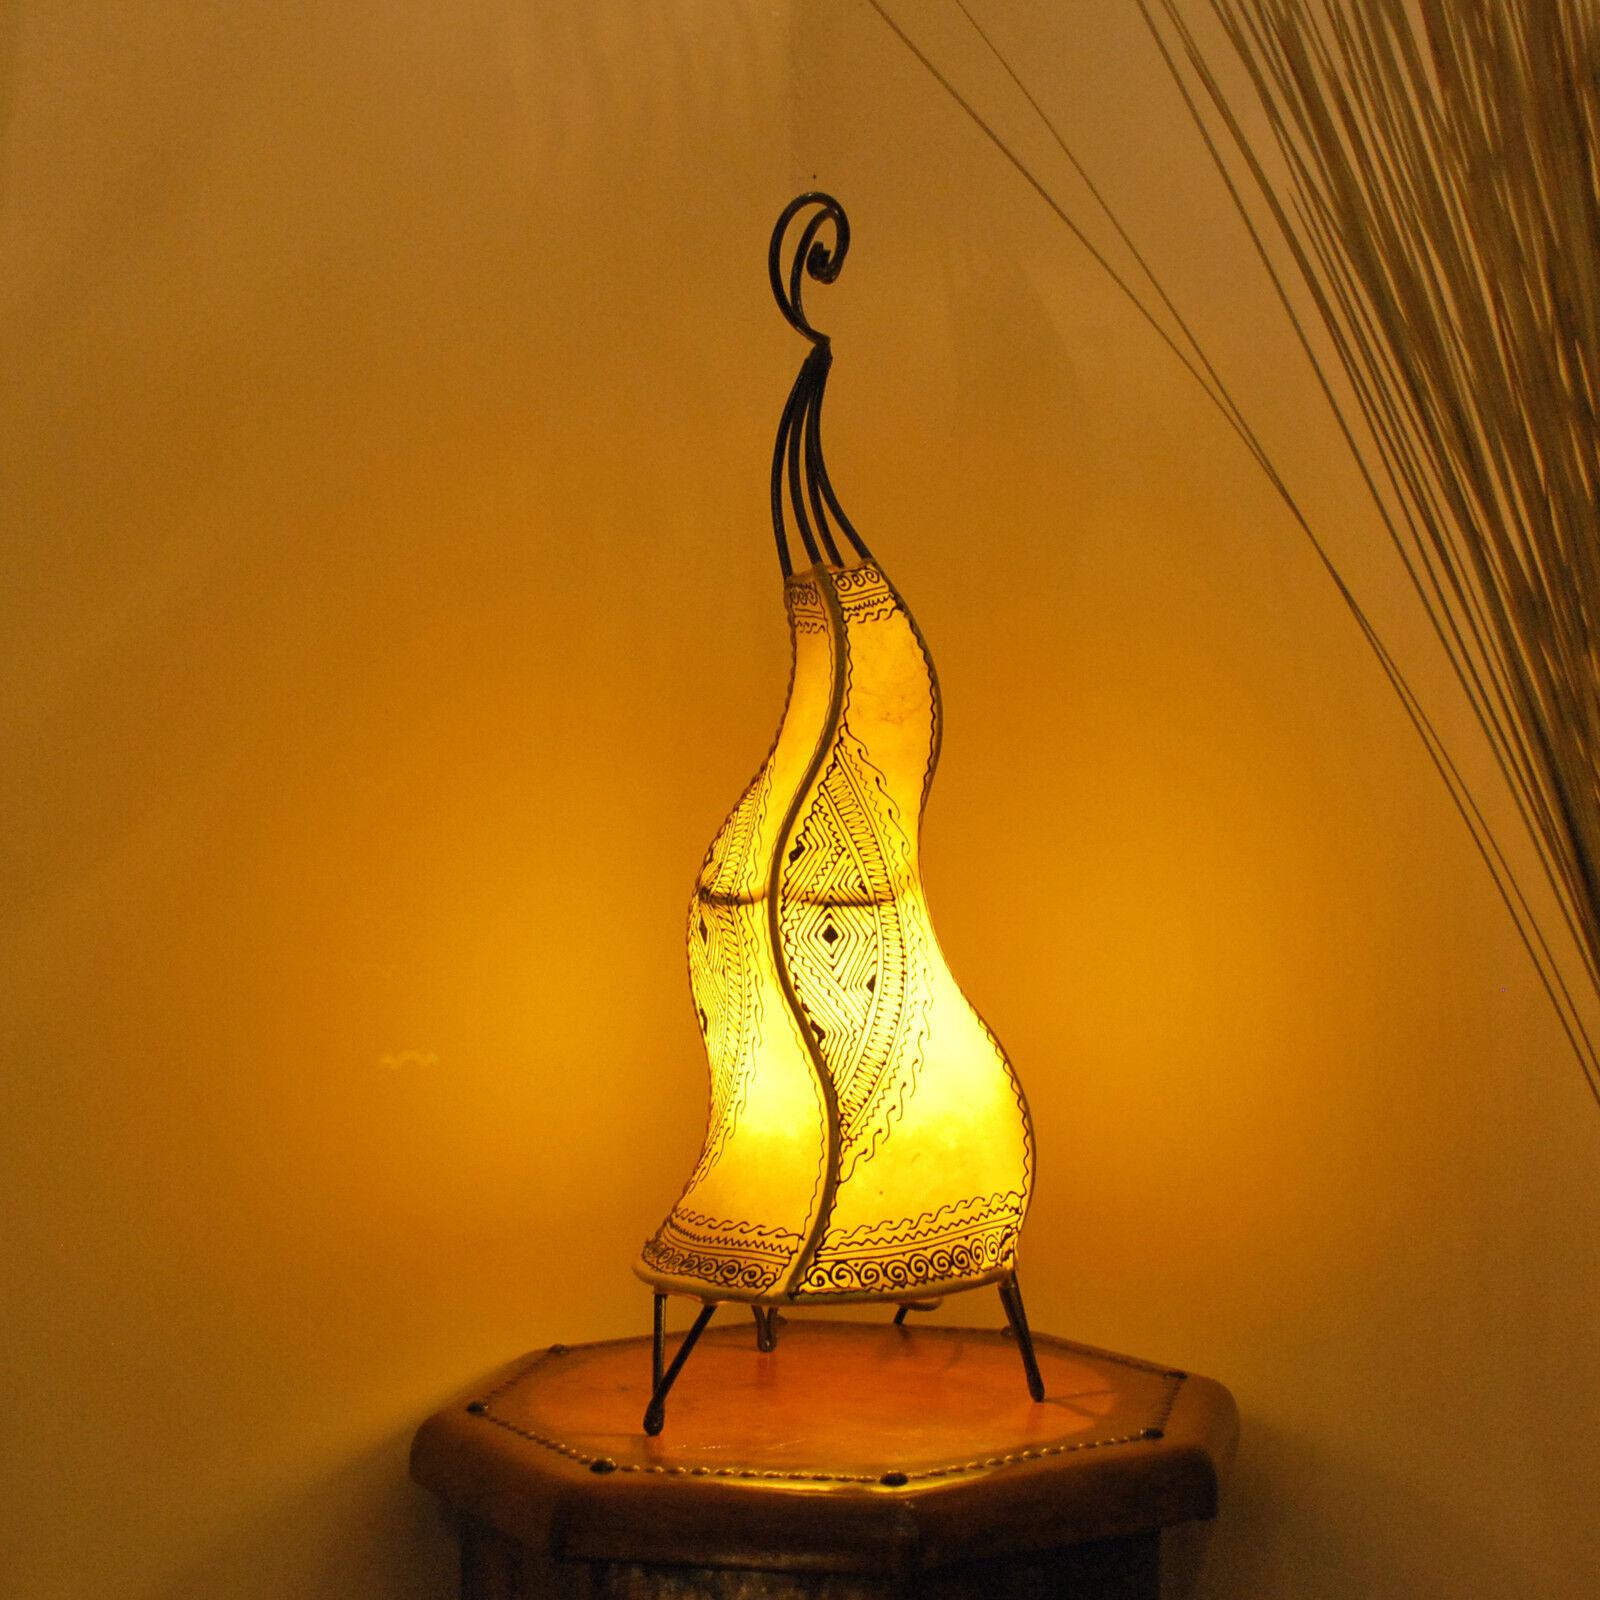 Orientalische Hennalampe Marokko Lampe Lederlampe Lederlampe Lederlampe Stehleuchte CHEVAL 60 Gelb | Erschwinglich  |  dc0082